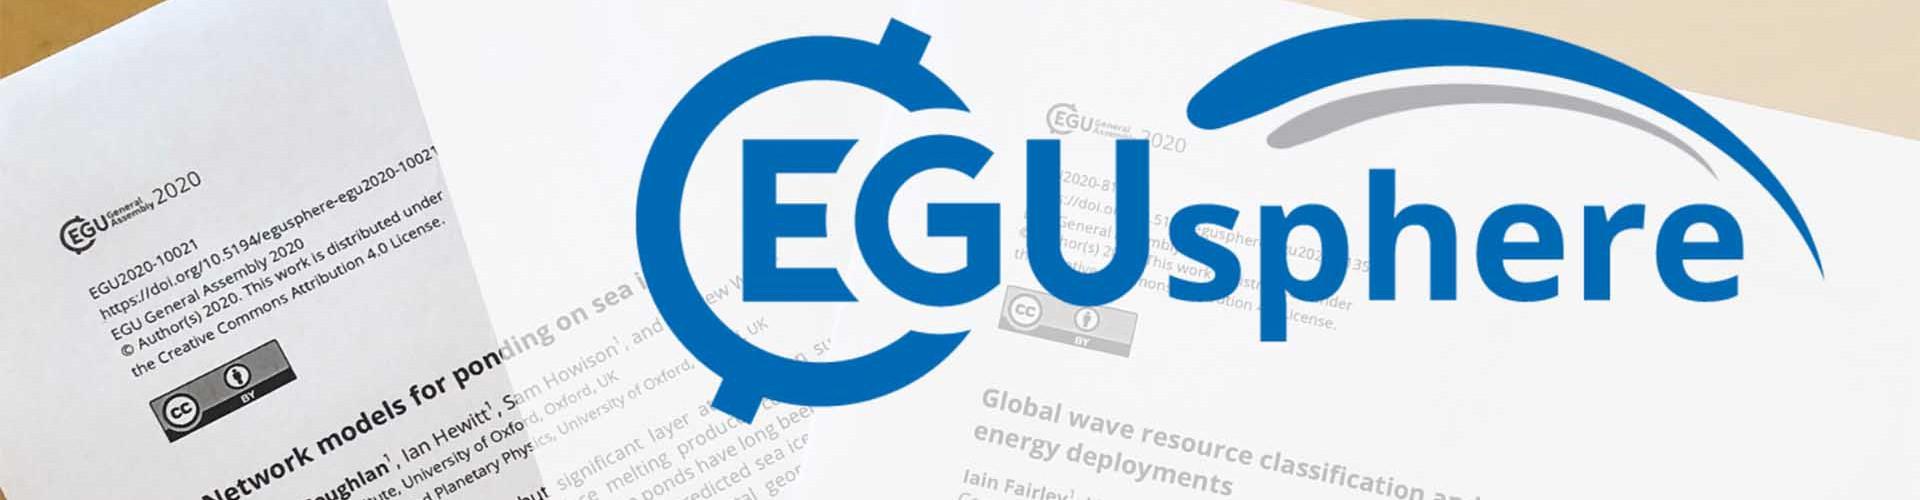 EGUsphere banner (Credit: EGU)